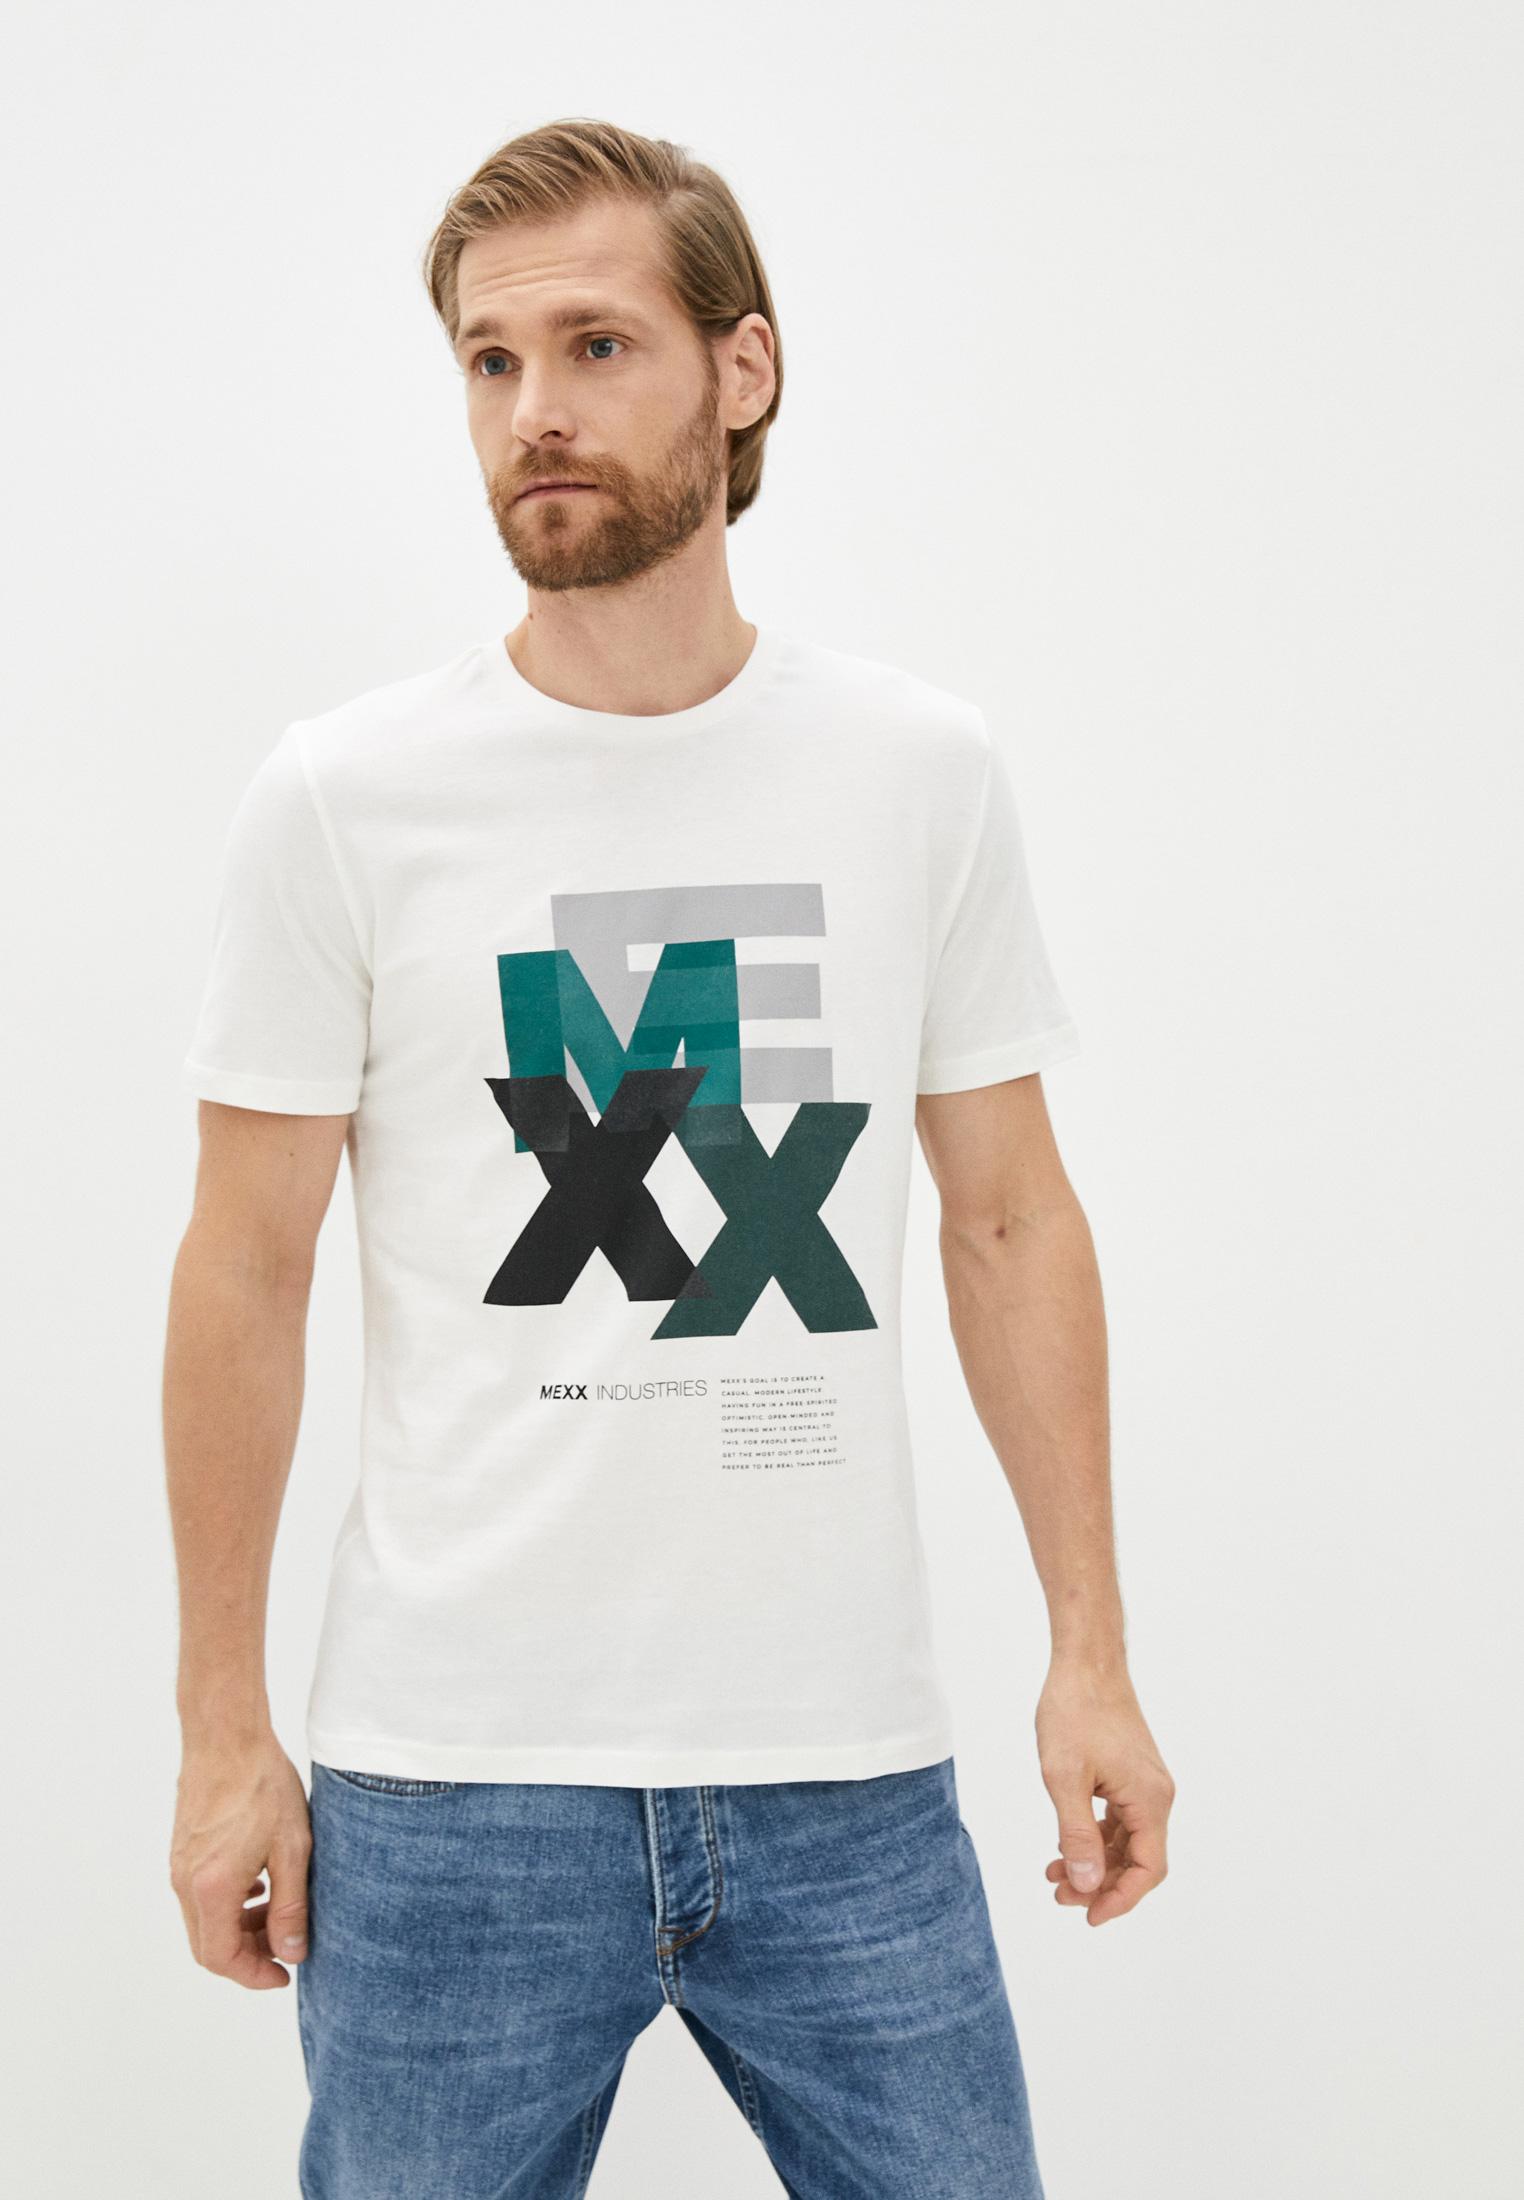 Футболка с коротким рукавом Mexx (Мекс) Футболка Mexx